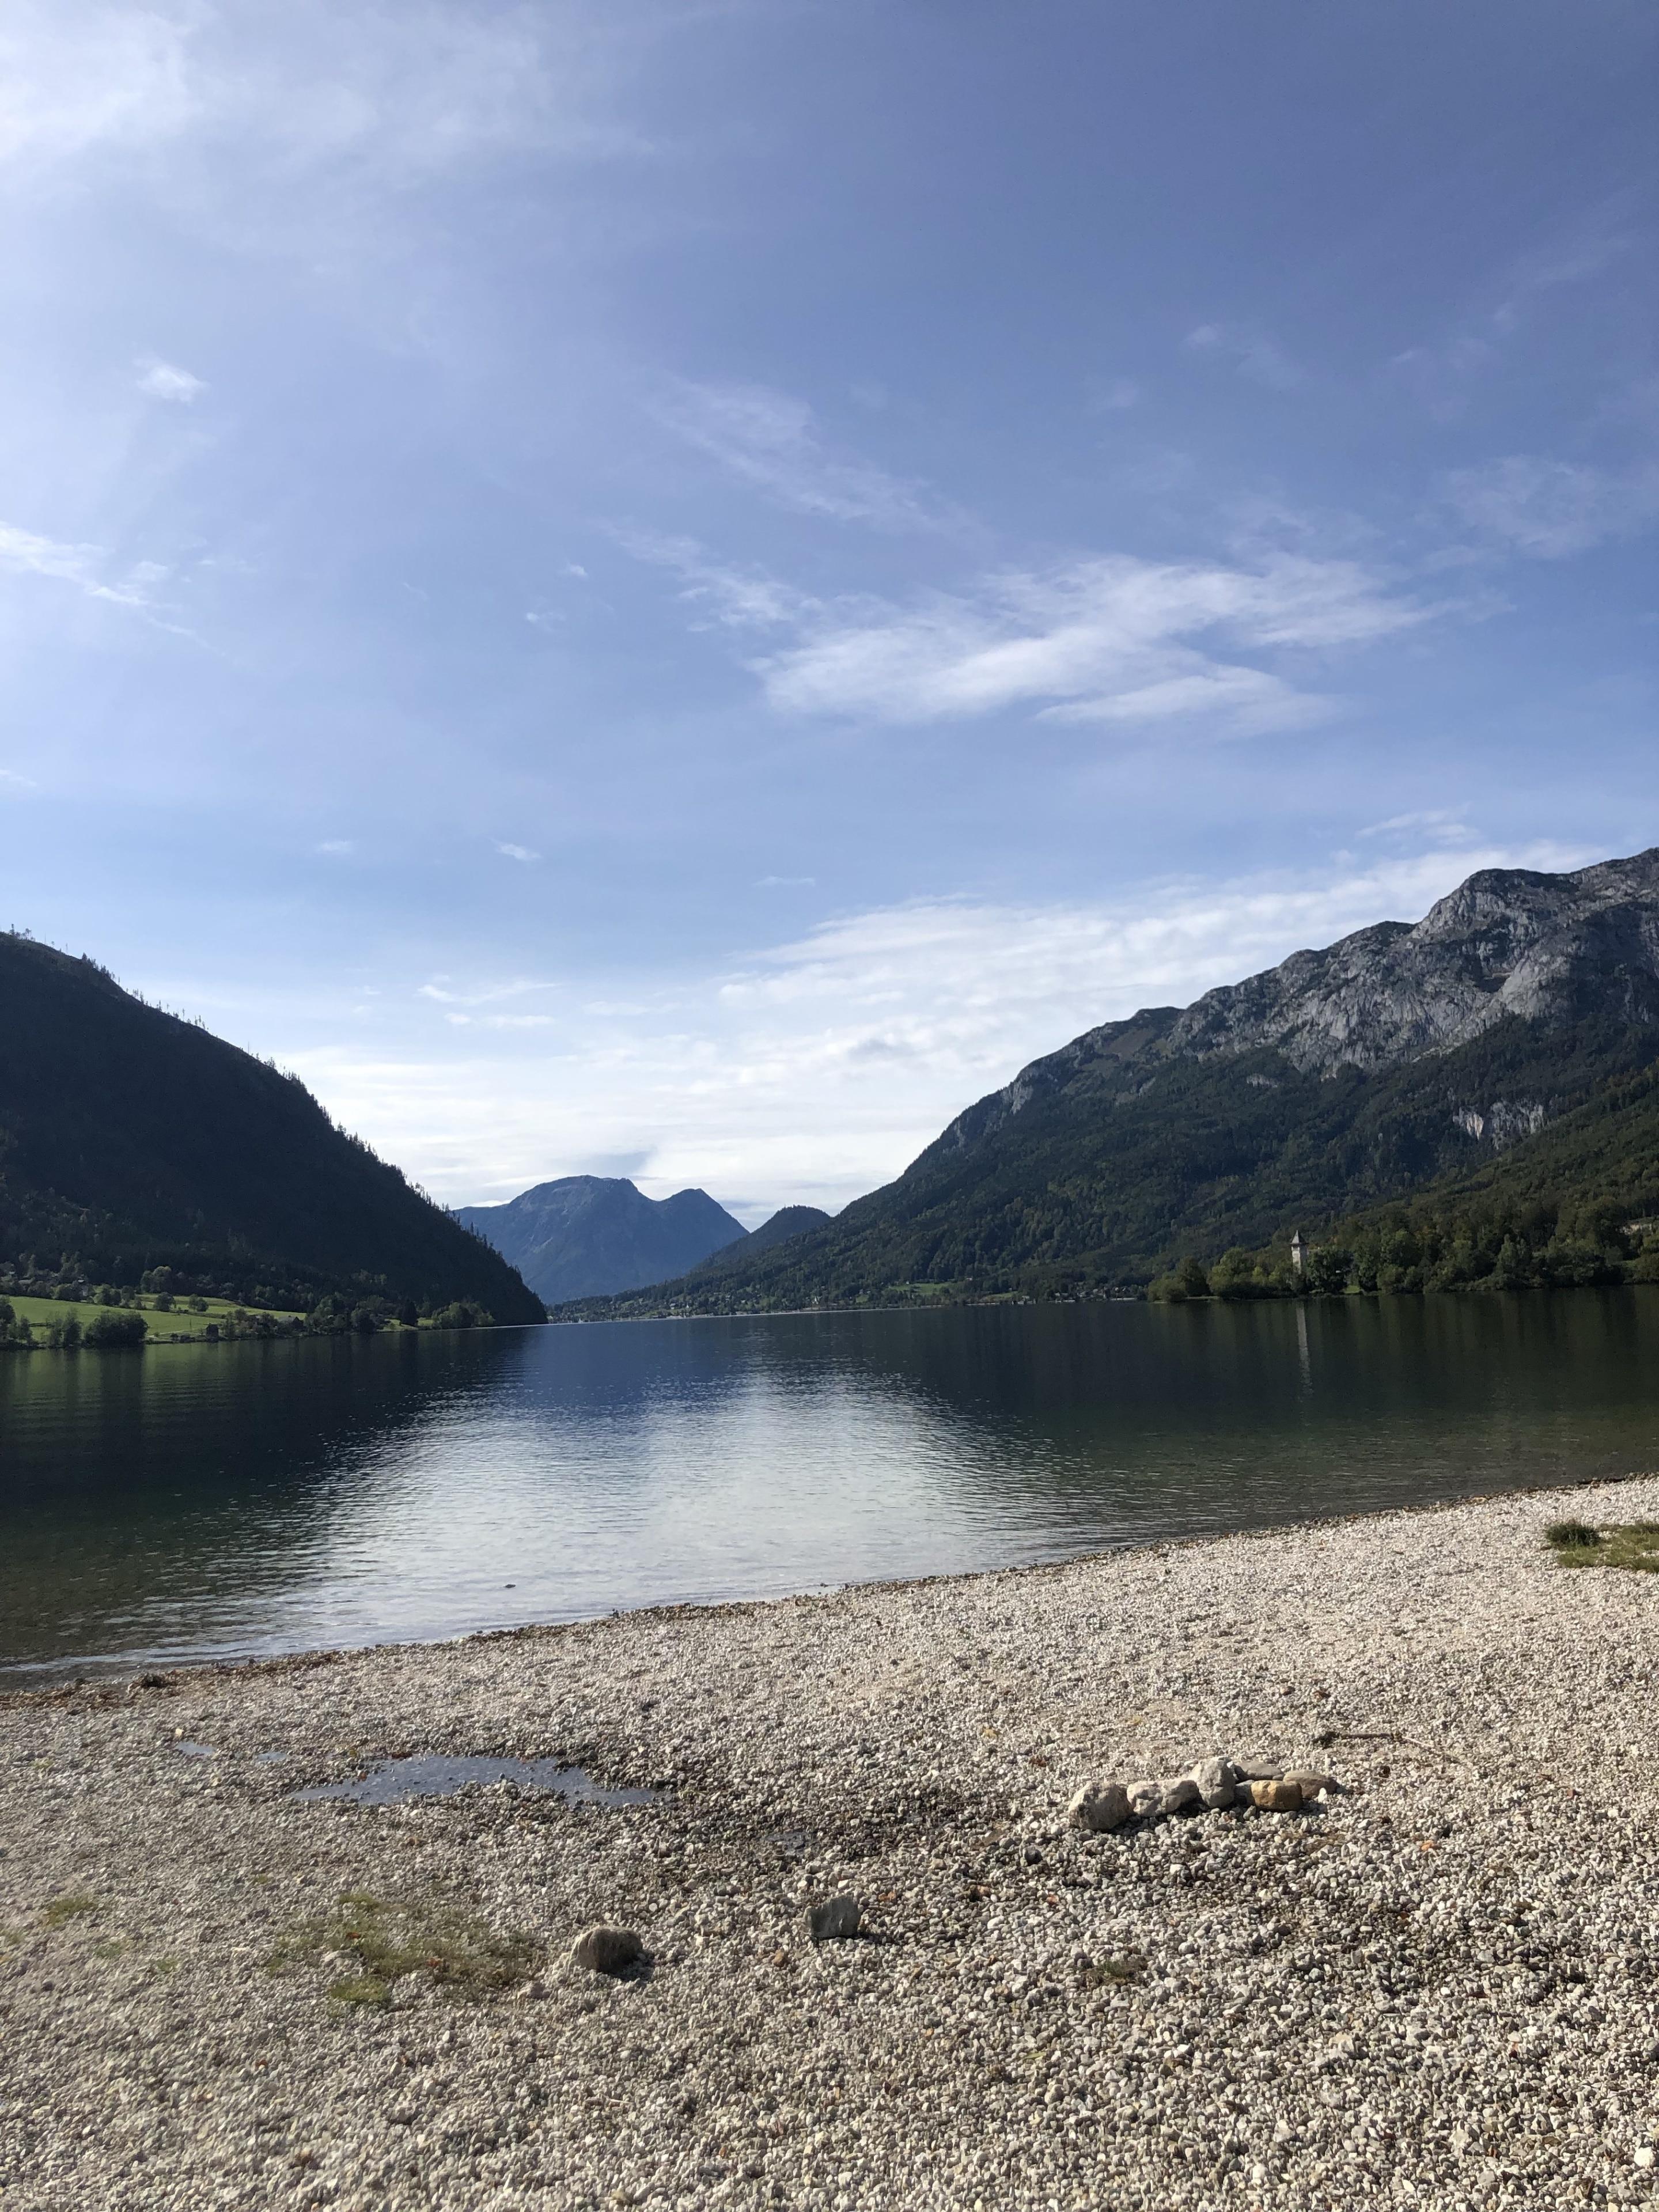 Goessl, Grundlsee, Styria, Austria